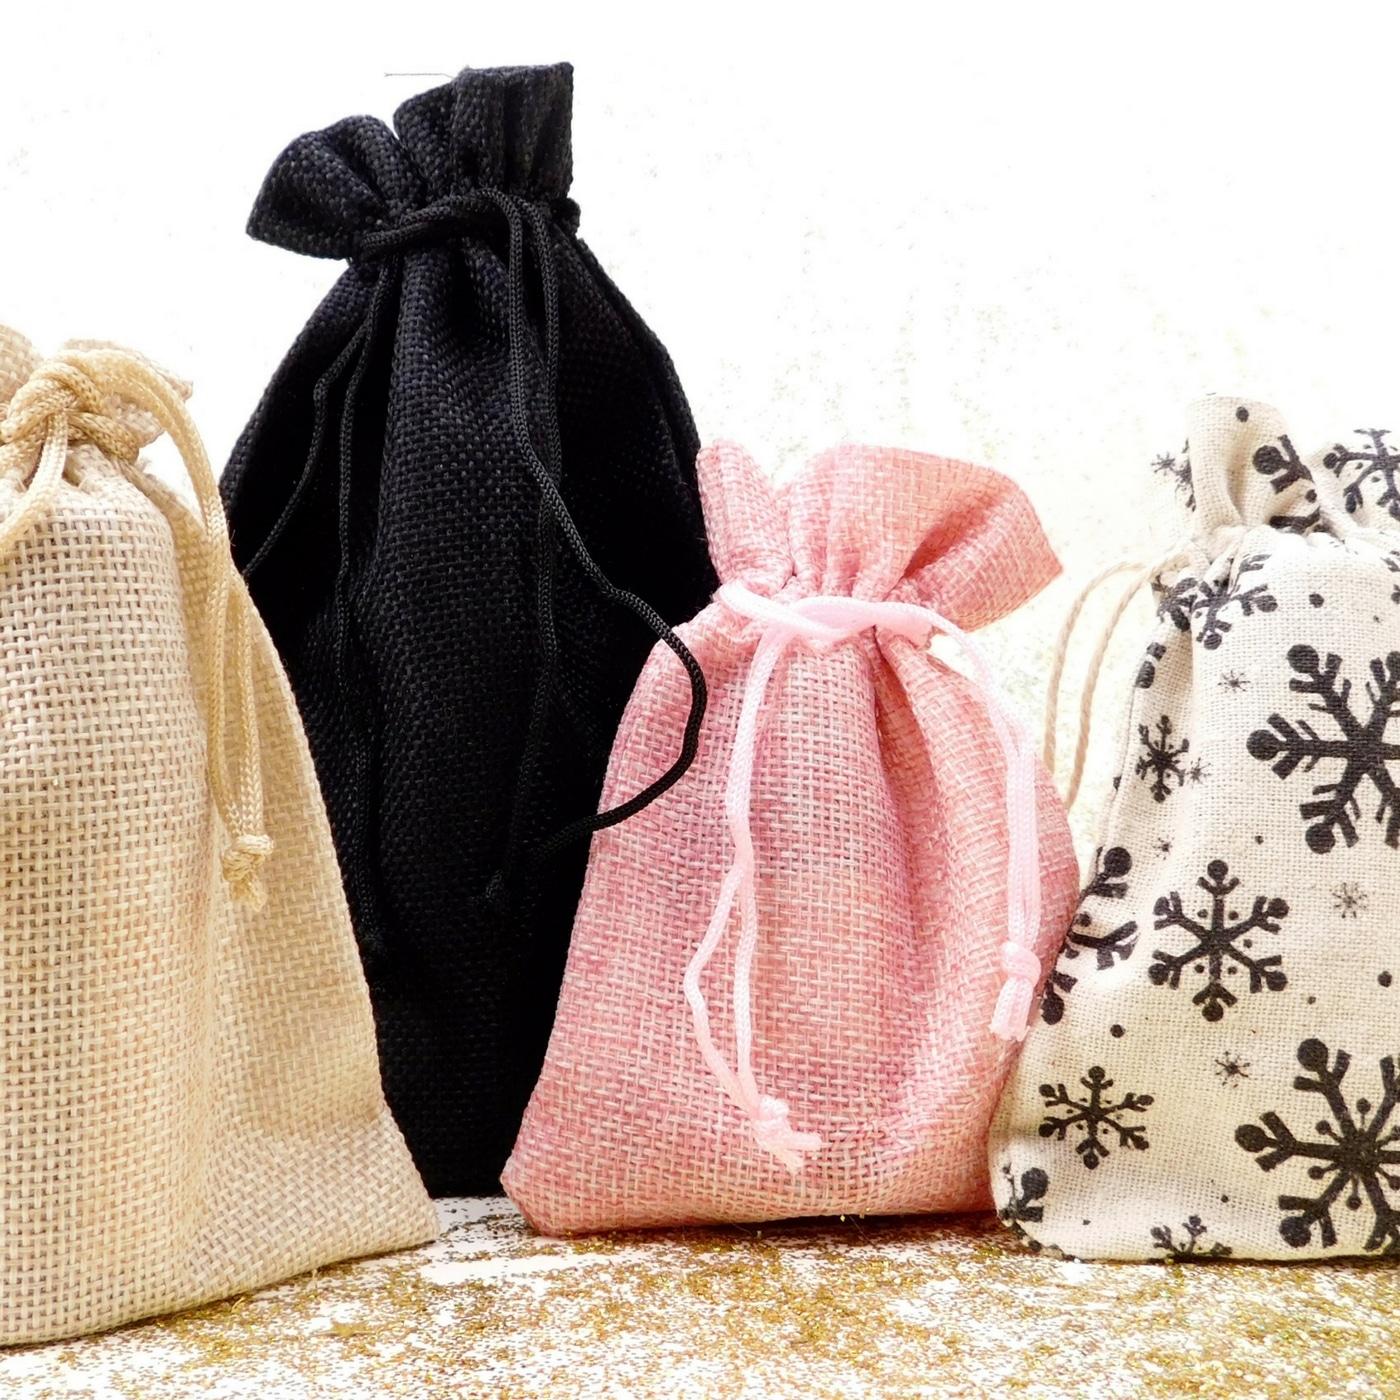 sacs en toile de jute, emballage éthique Intimu